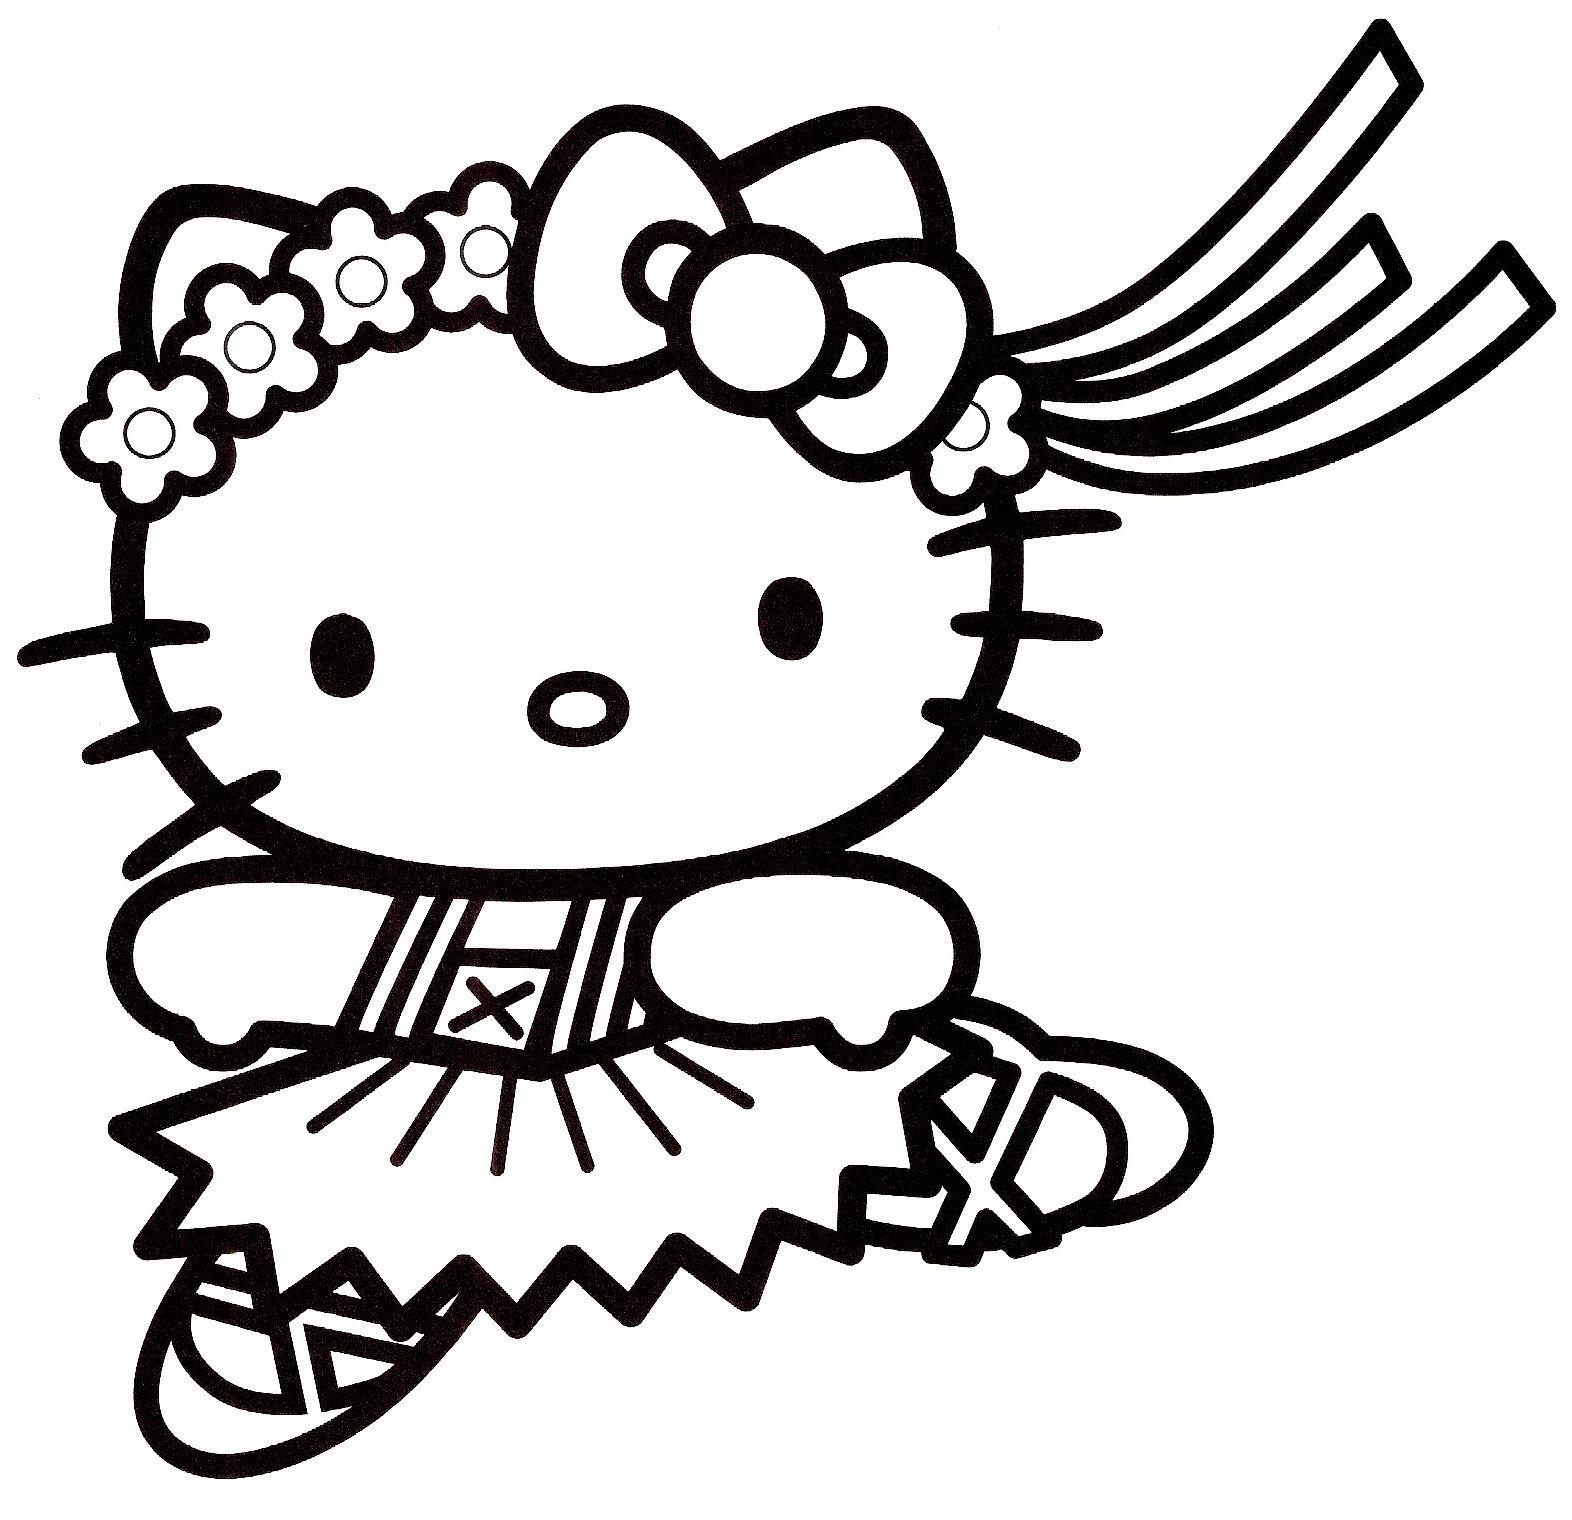 Beau Dessins à Colorier Hello Kitty Gratuit